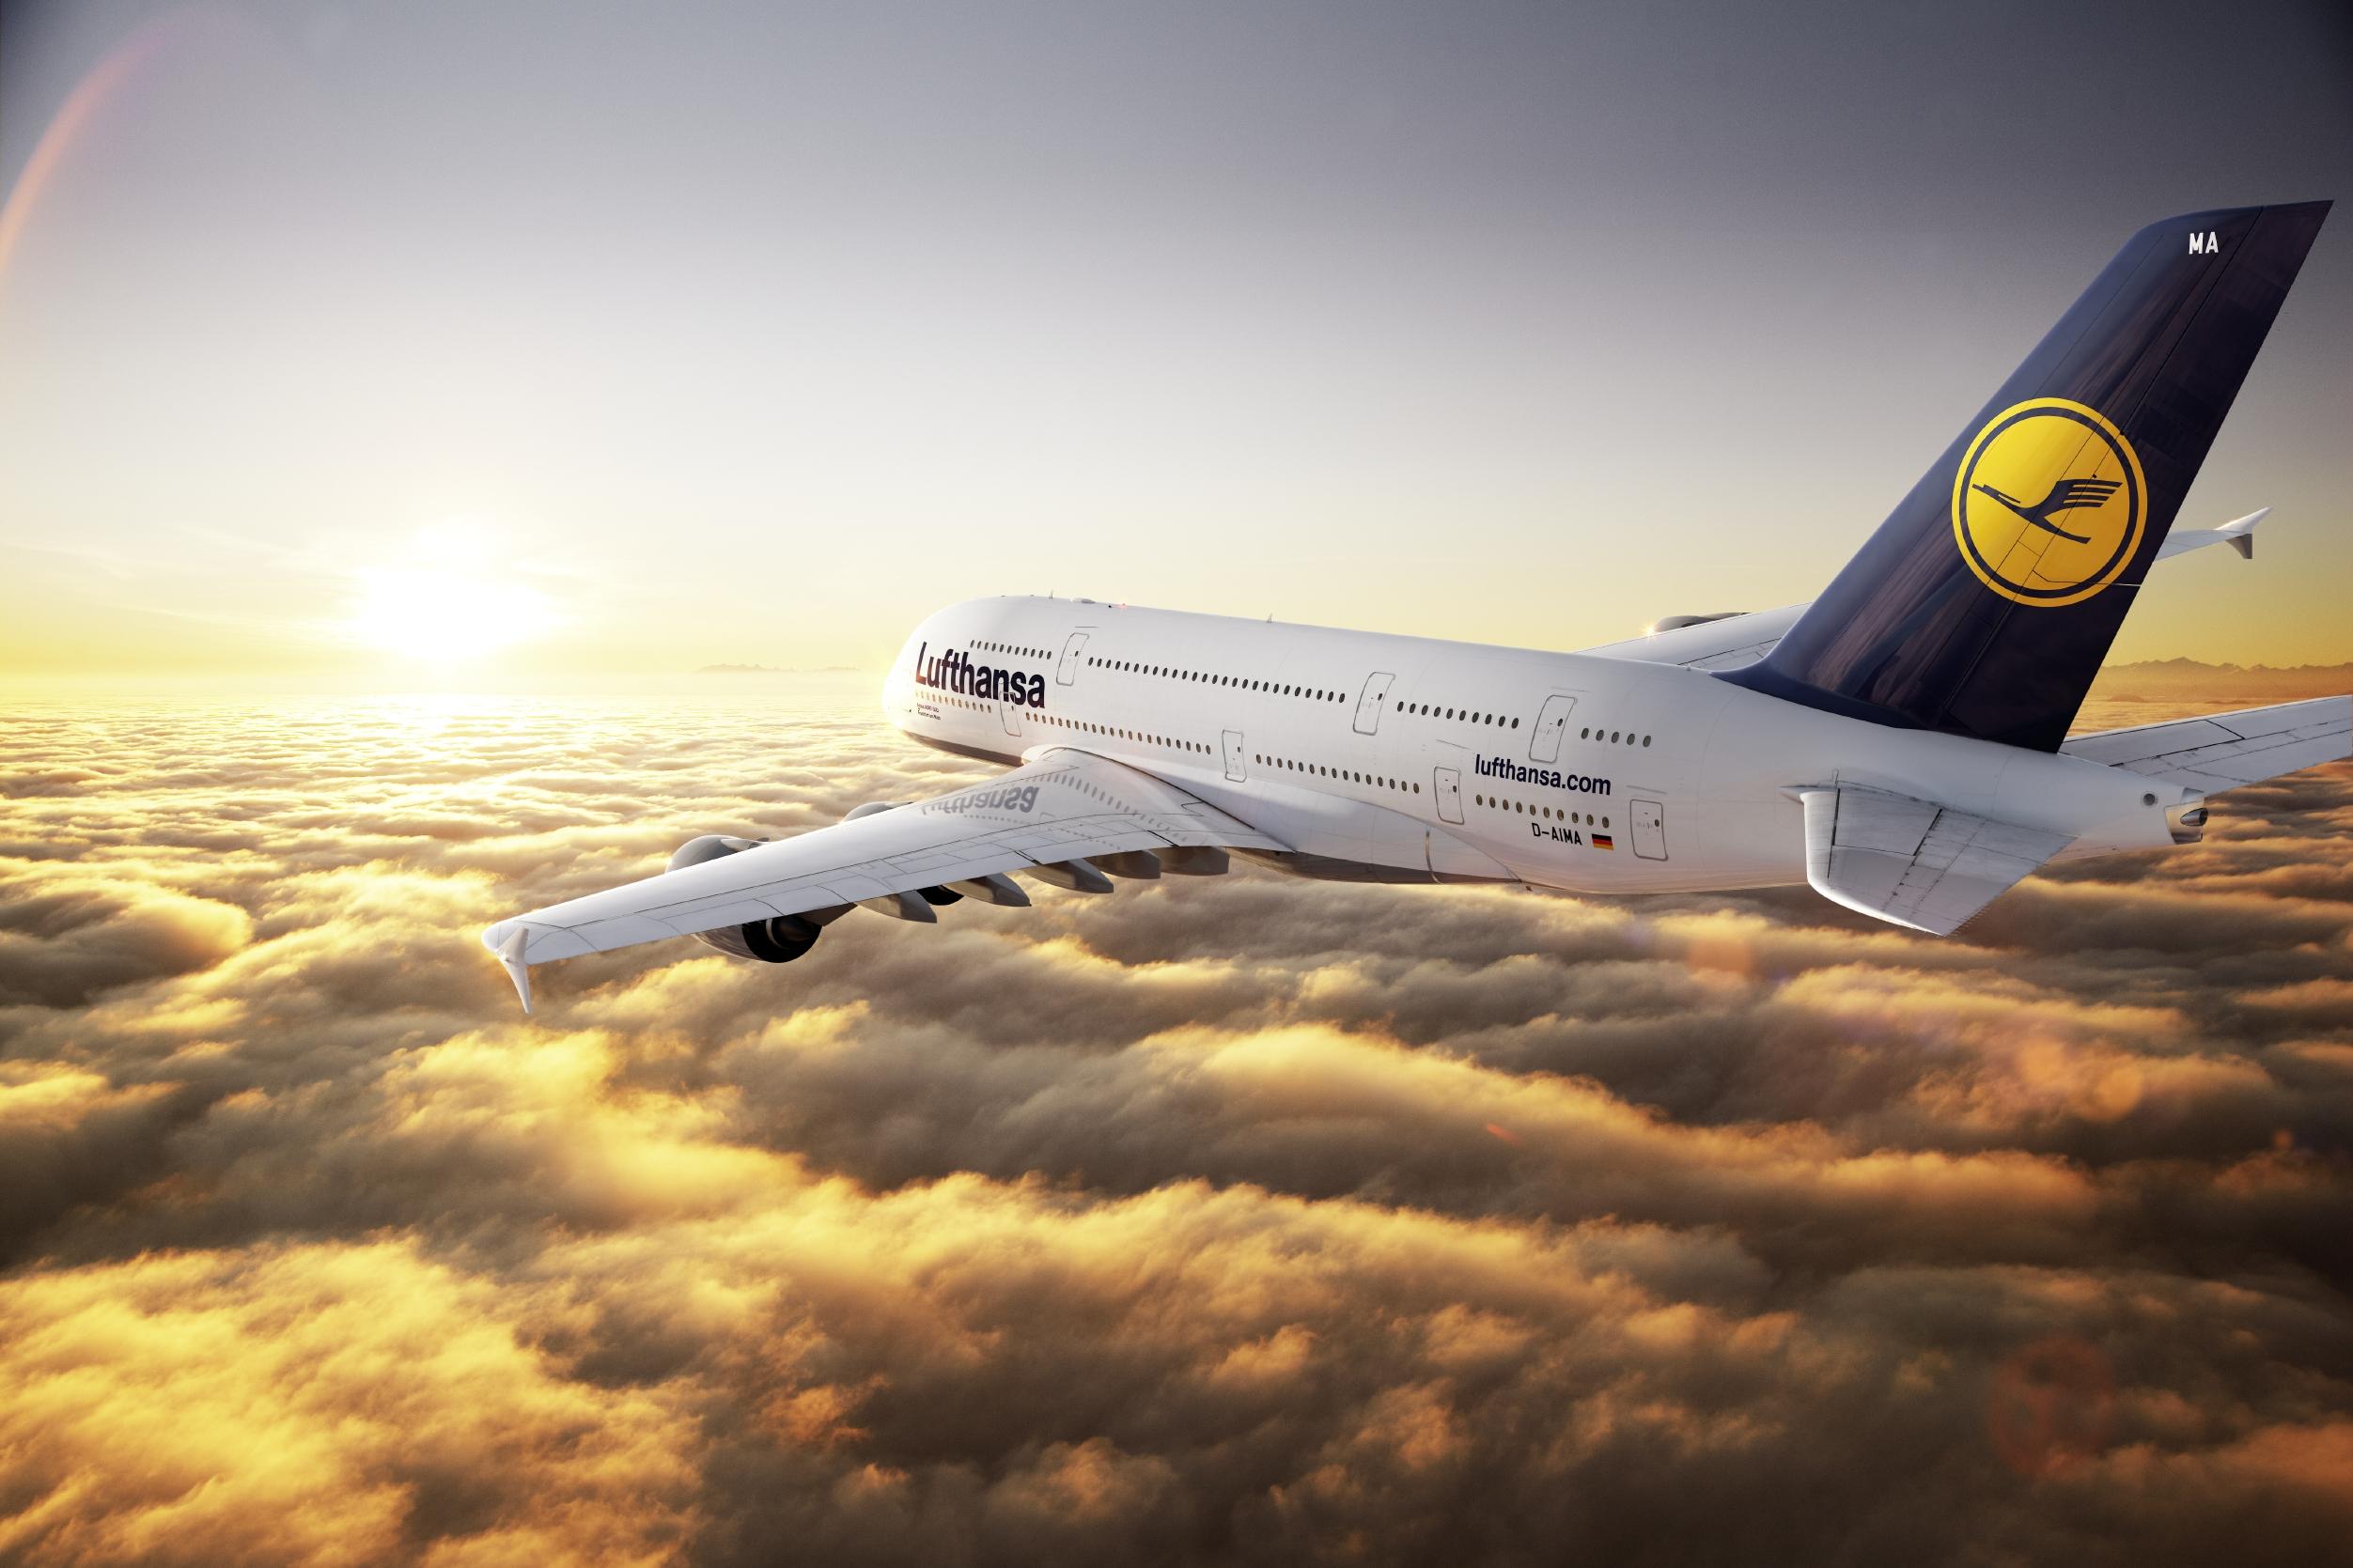 Մյունխեն - Վարշավա թռիչքն իրականցնող օդանավը հազիվ է խուսափել անօդաչու թռչող սարքին բախվելուց